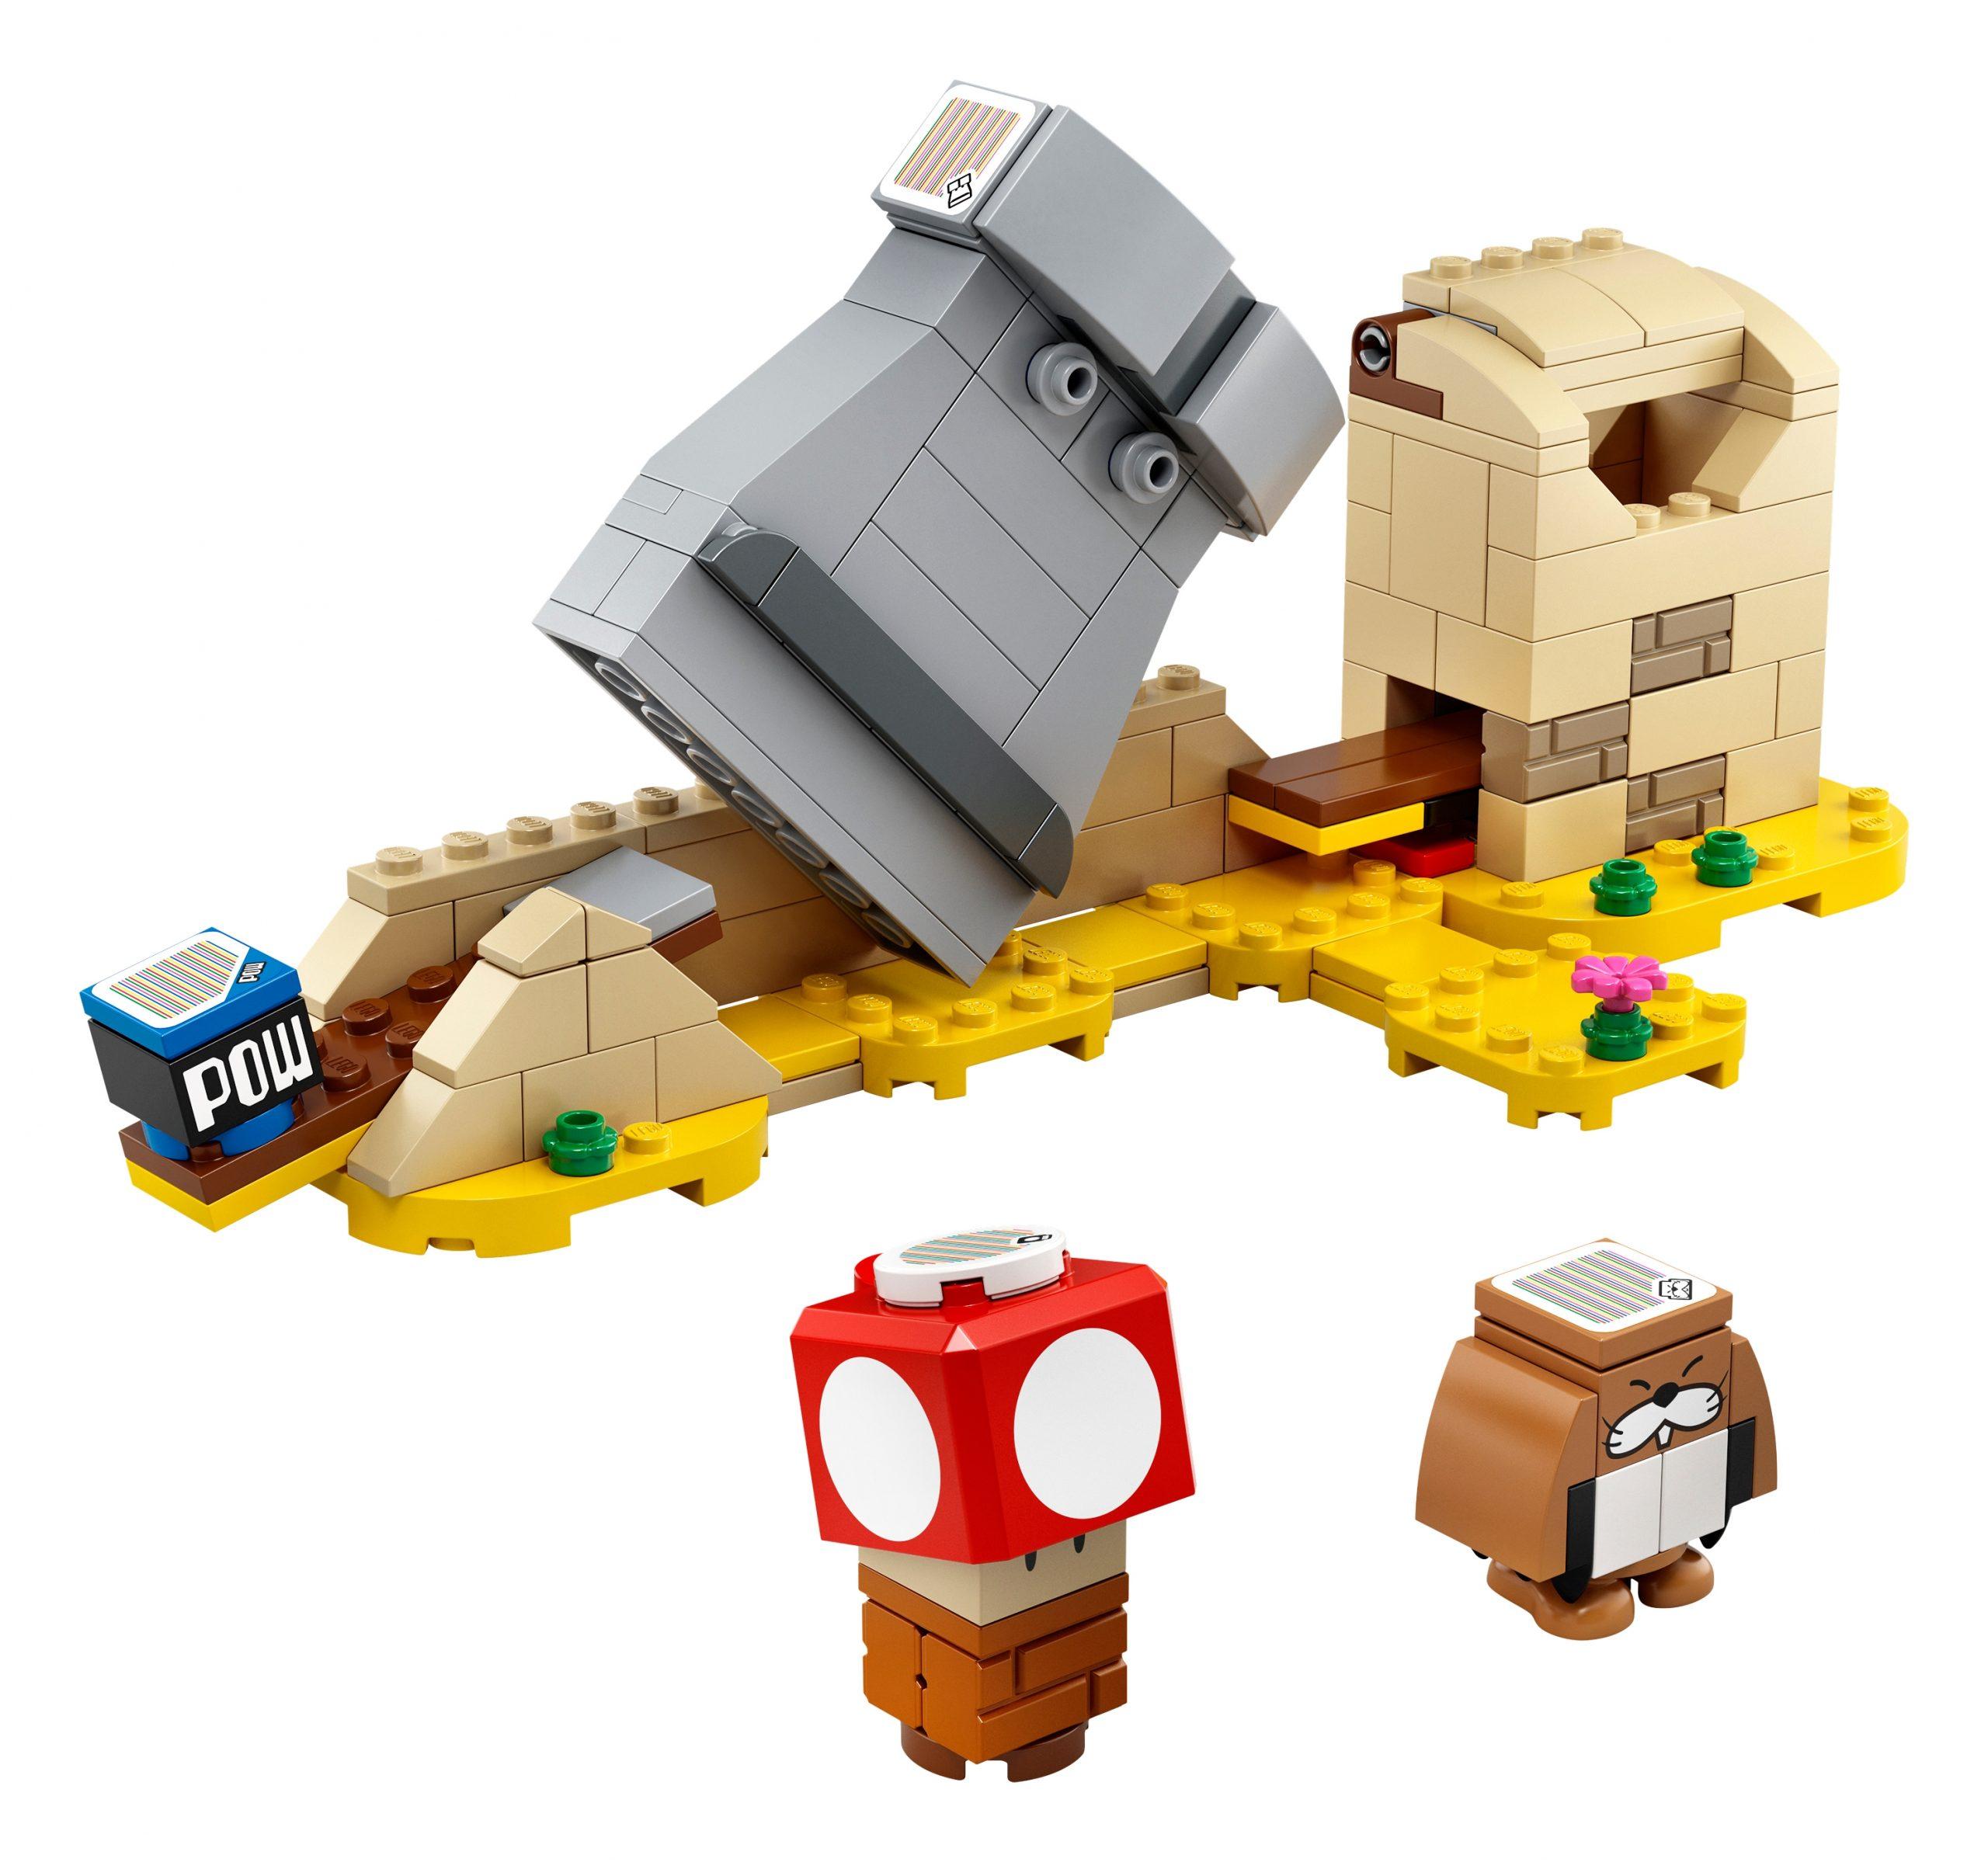 lego-super-mario-40414-monty-mole-super-mushroom-erweiterungs-set inhalt-2020 zusammengebaut.com